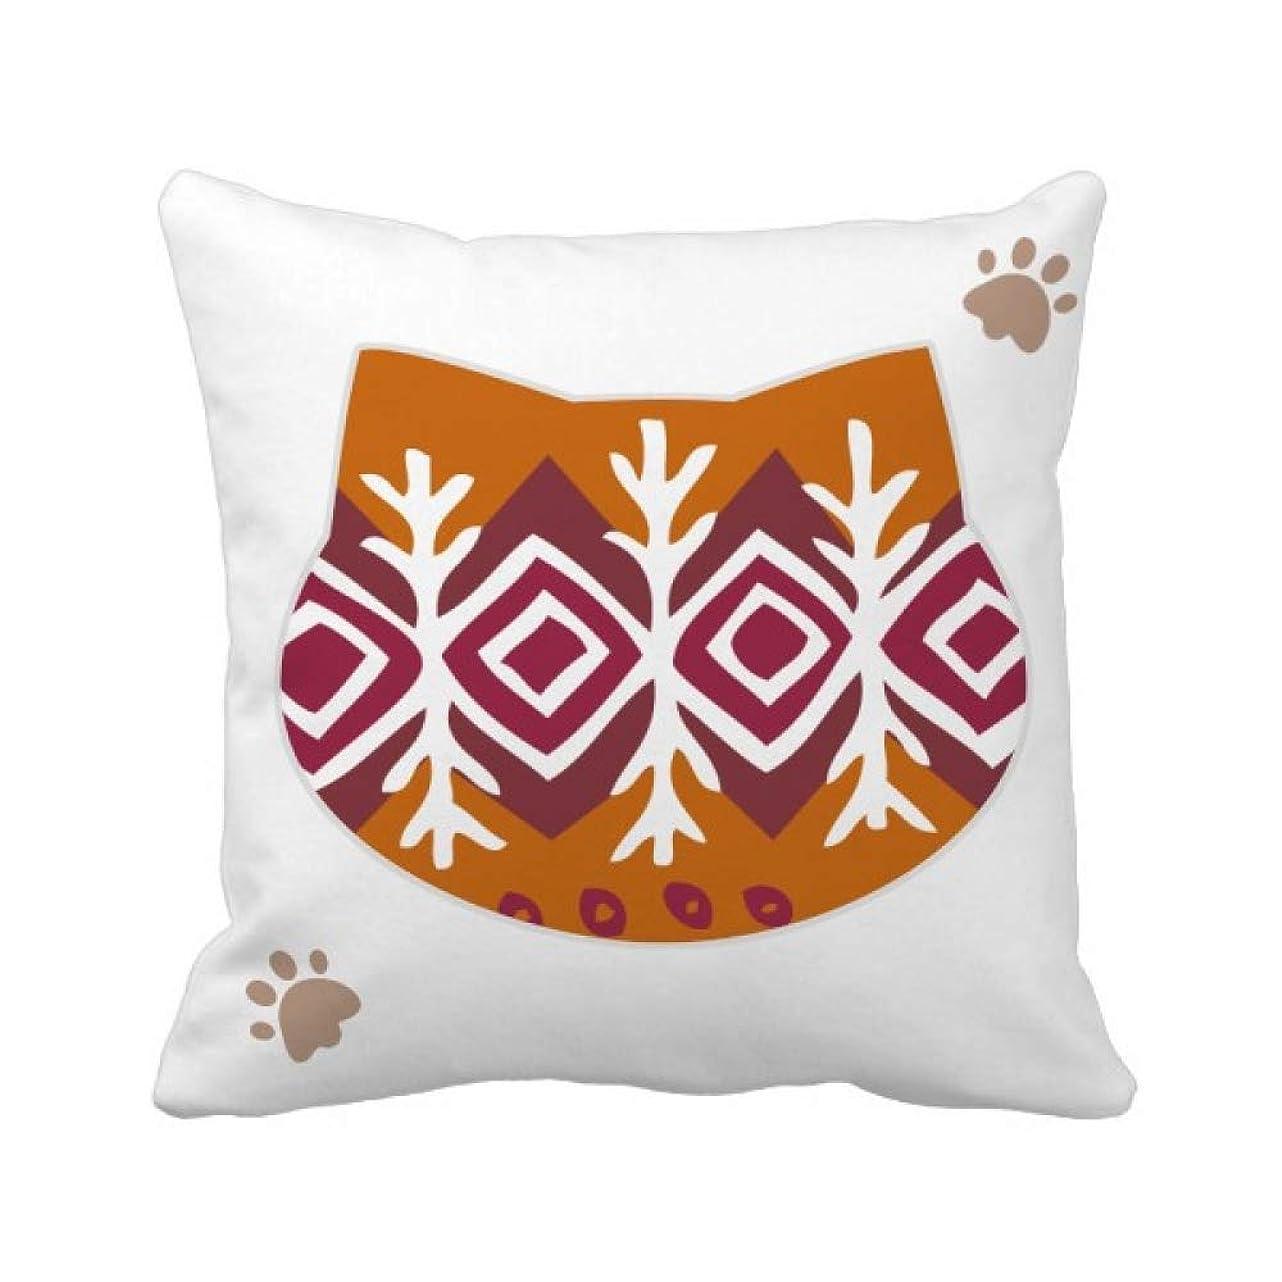 うんざりごちそう追う茶色のパターンのダーツメキシコトーテムの古代文明の描画 枕カバーを放り投げる猫広場 50cm x 50cm